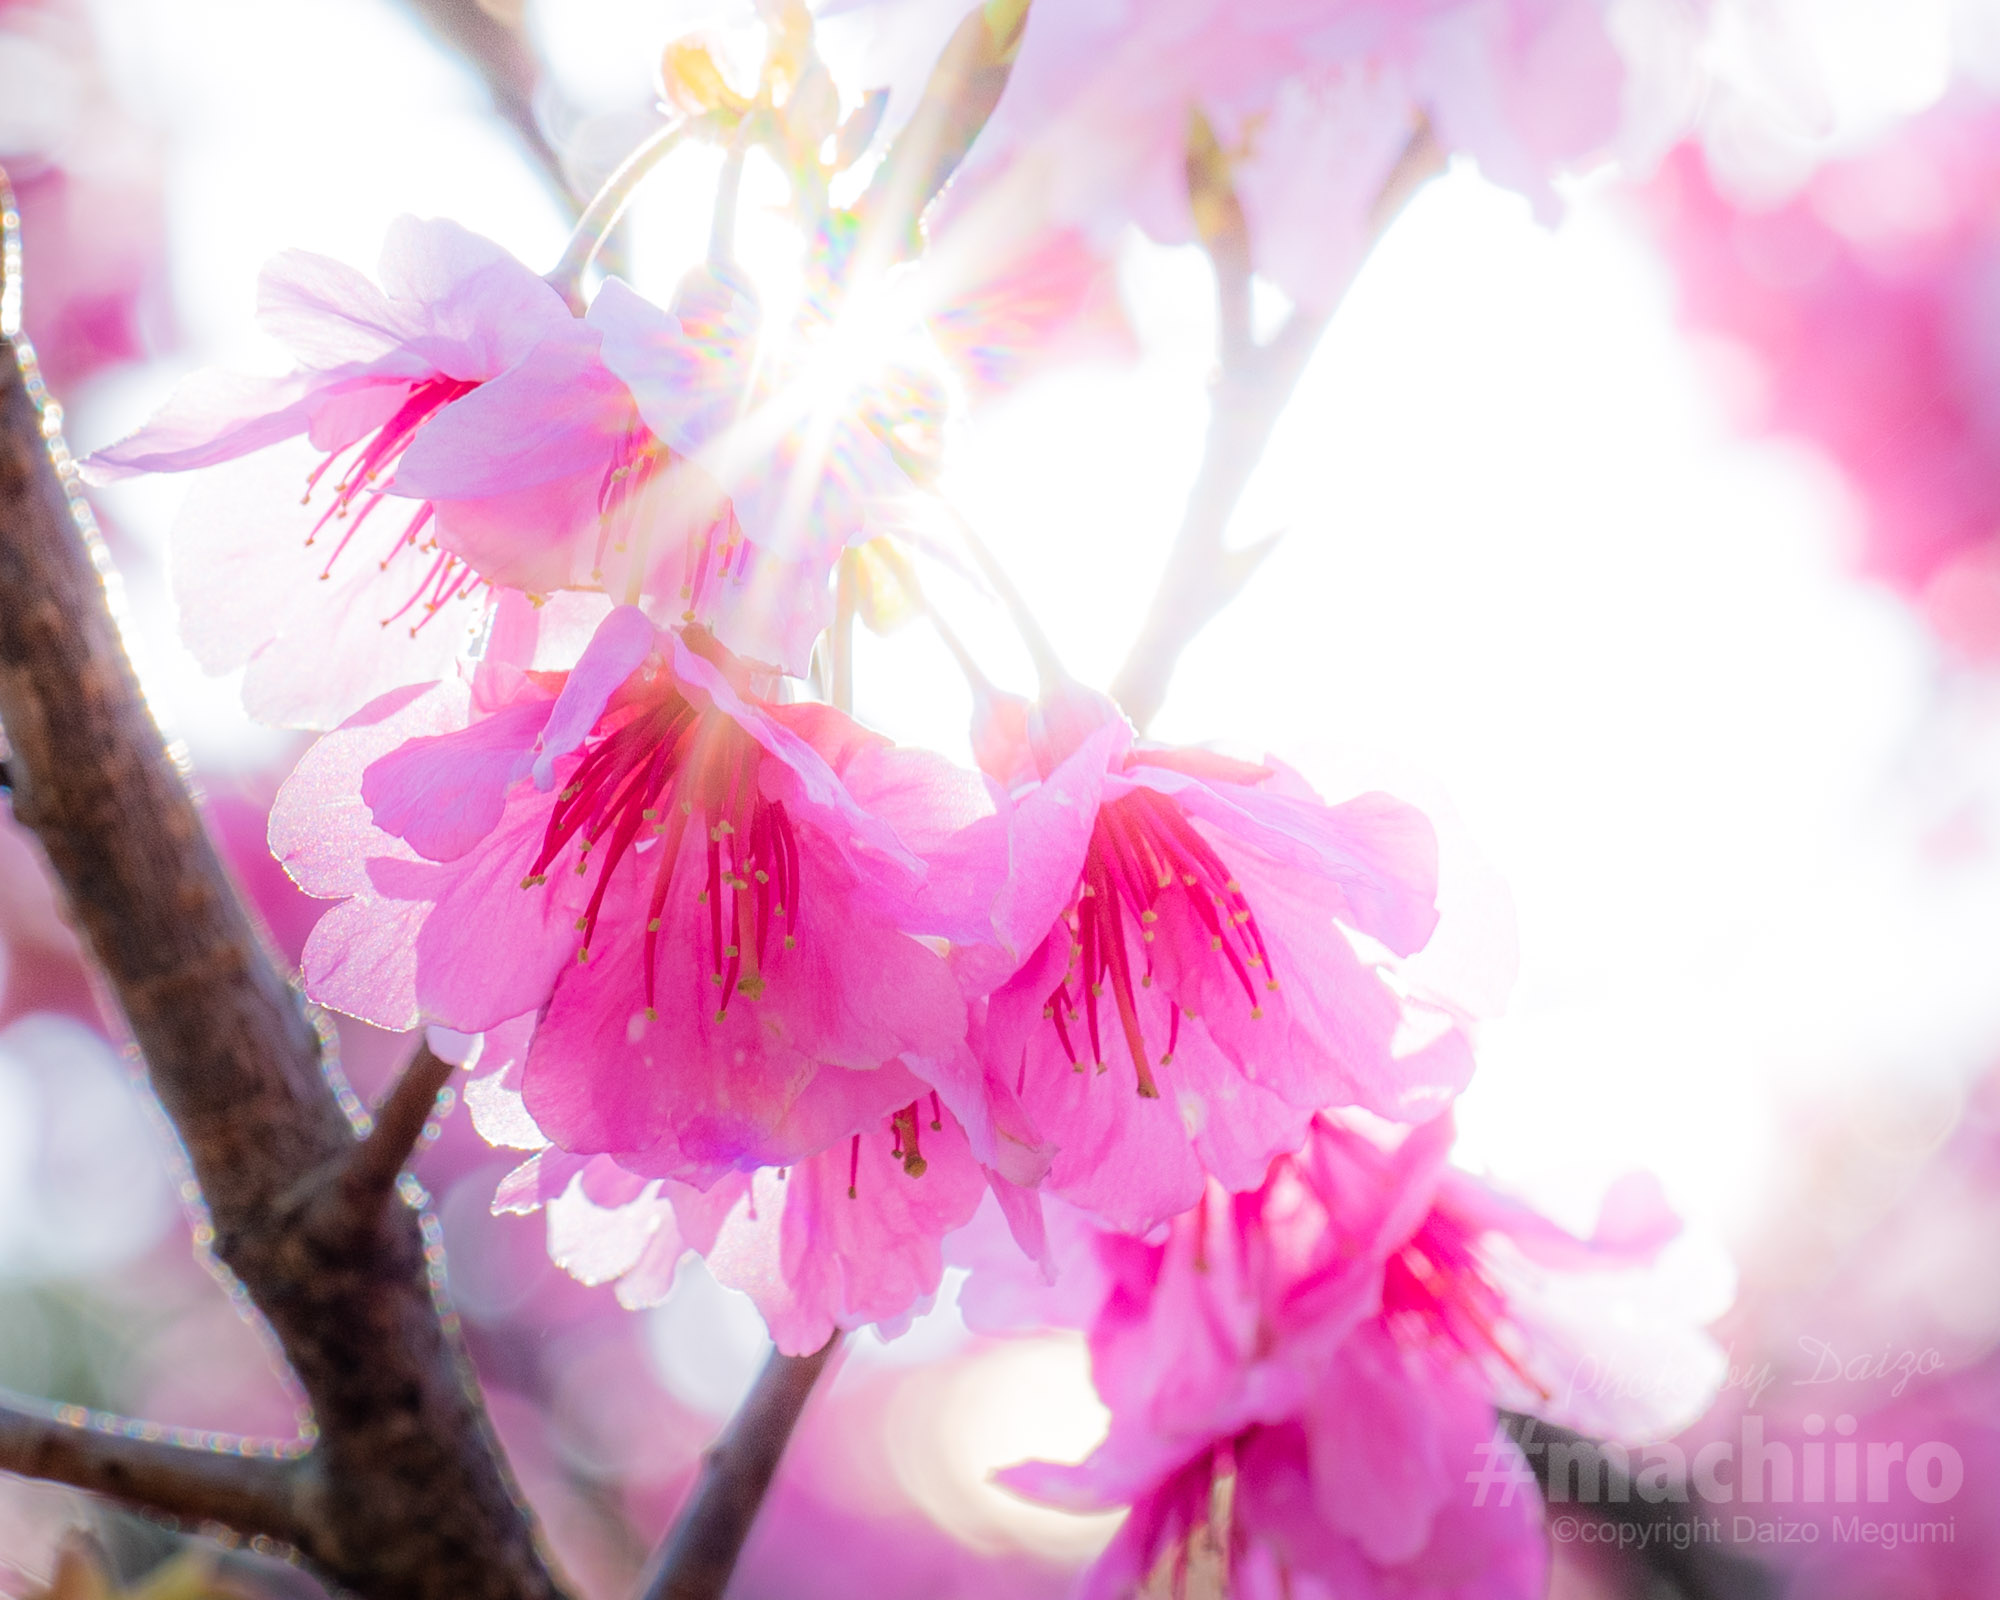 桜2021 Machiiro 記事写真 5